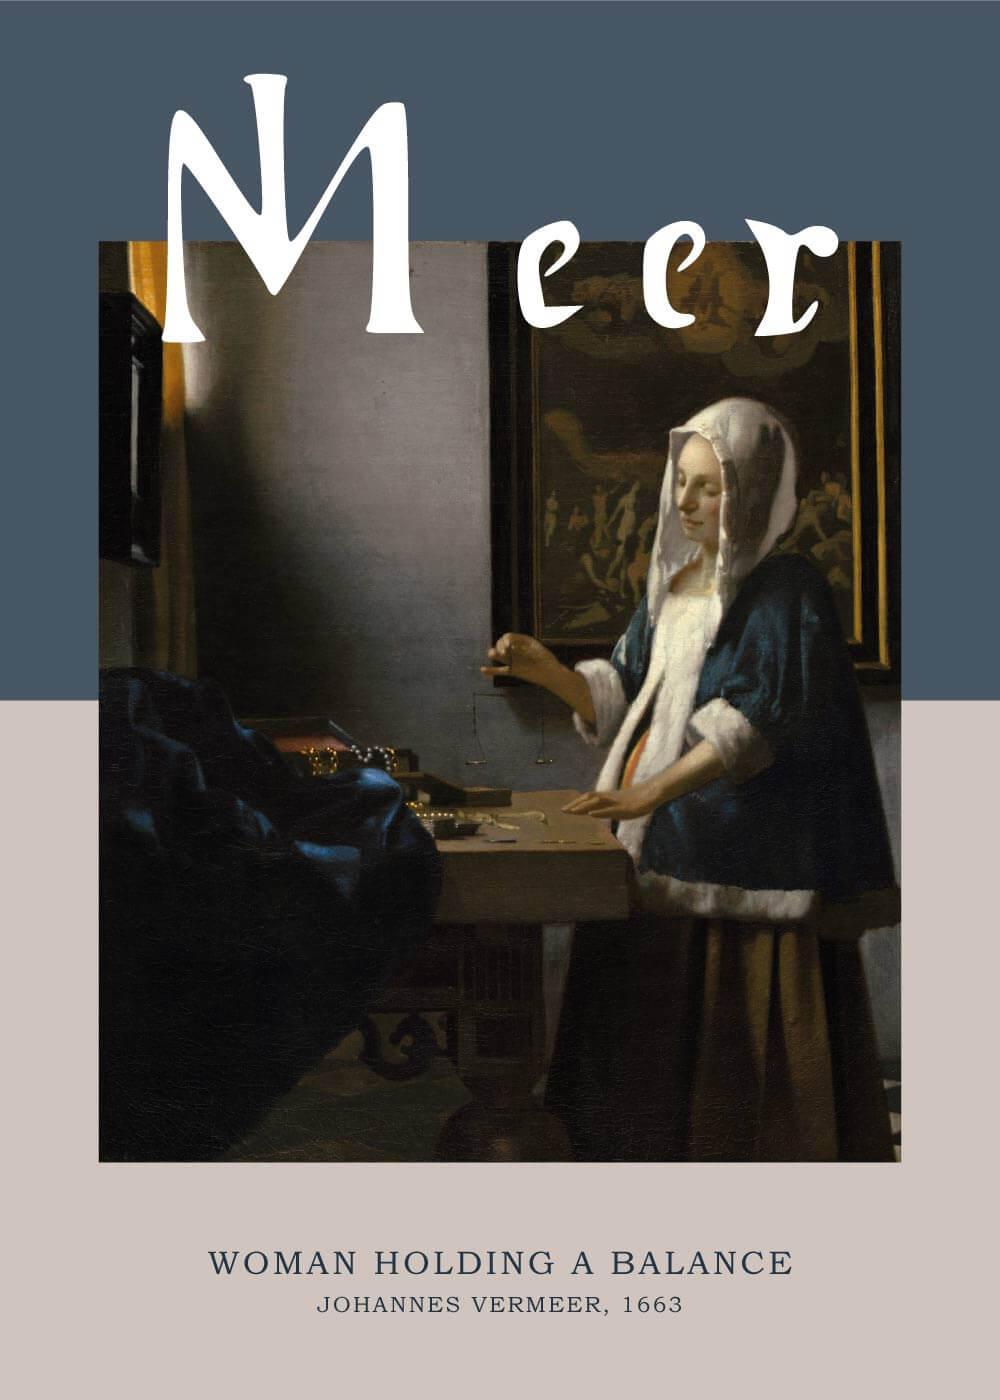 Billede af Woman holding a balance - Johannes Vermeer